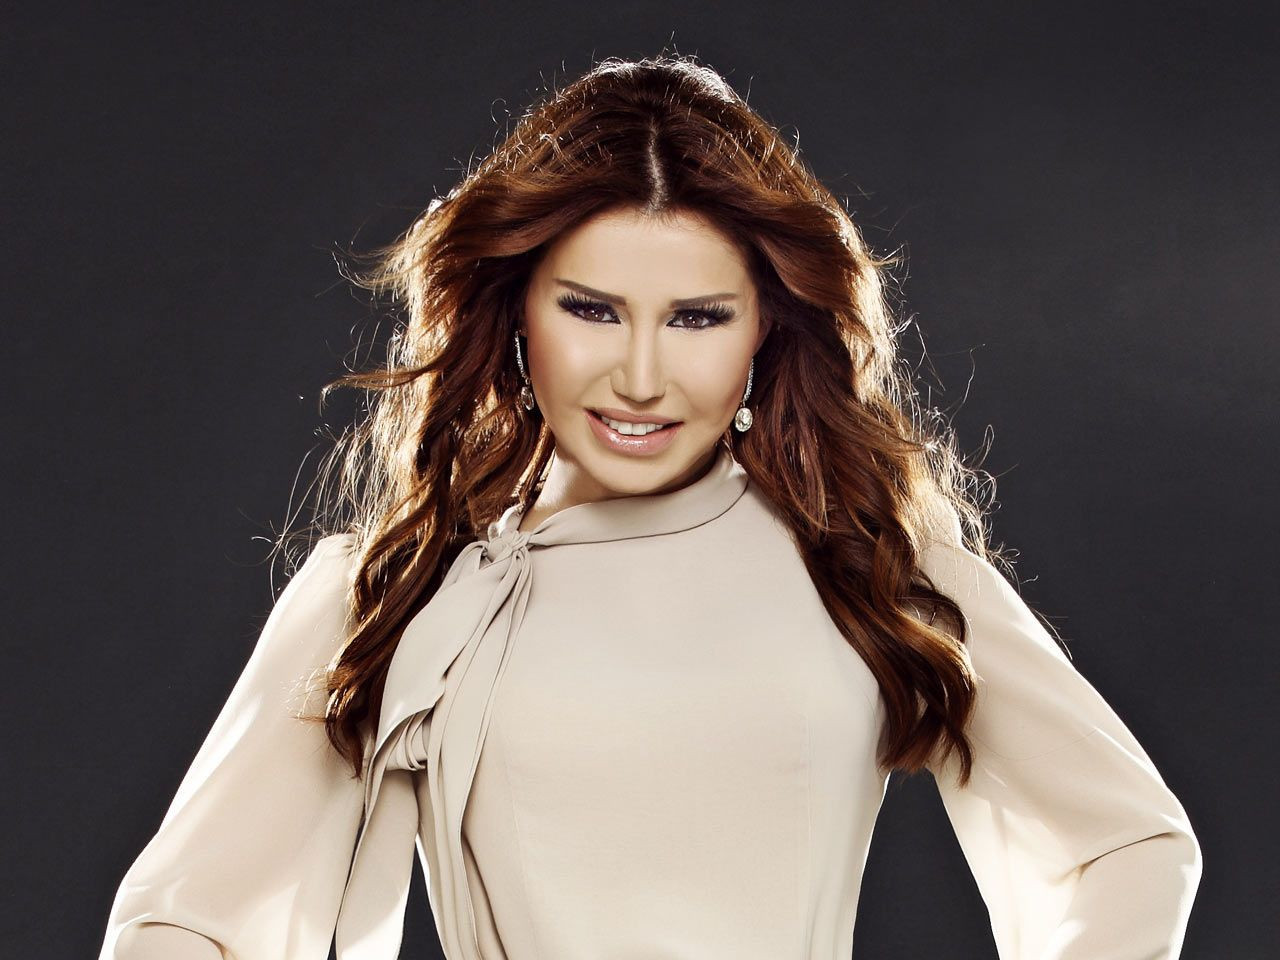 Ceylan'ın büyük değişimi! 47 yaşındaki şarkıcıyı görenler tanıyamıyor! - Sayfa 4